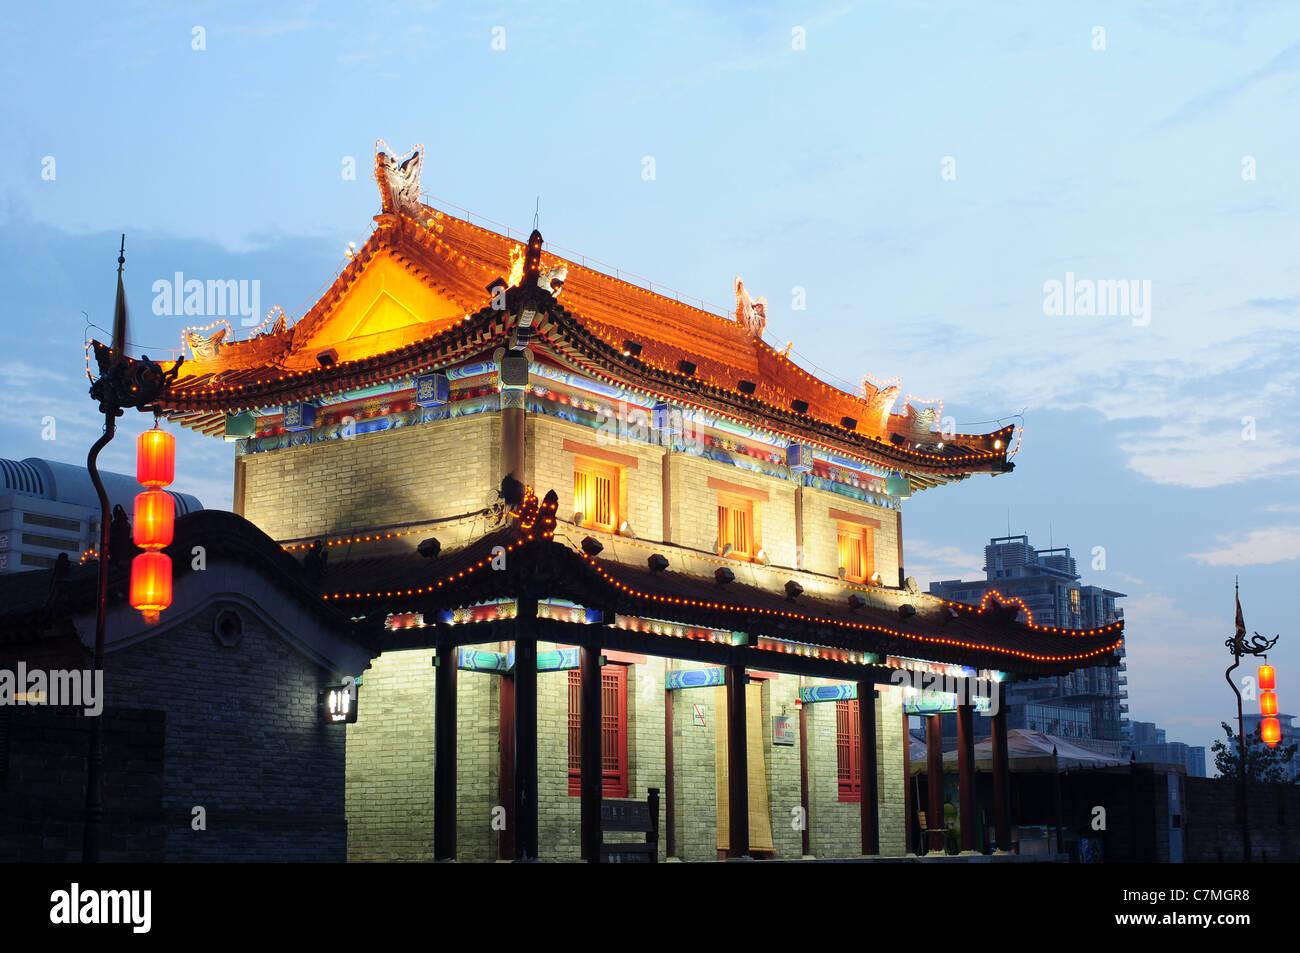 Nachtaufnahmen von der berühmten Altstadt von Xian, China Stockbild